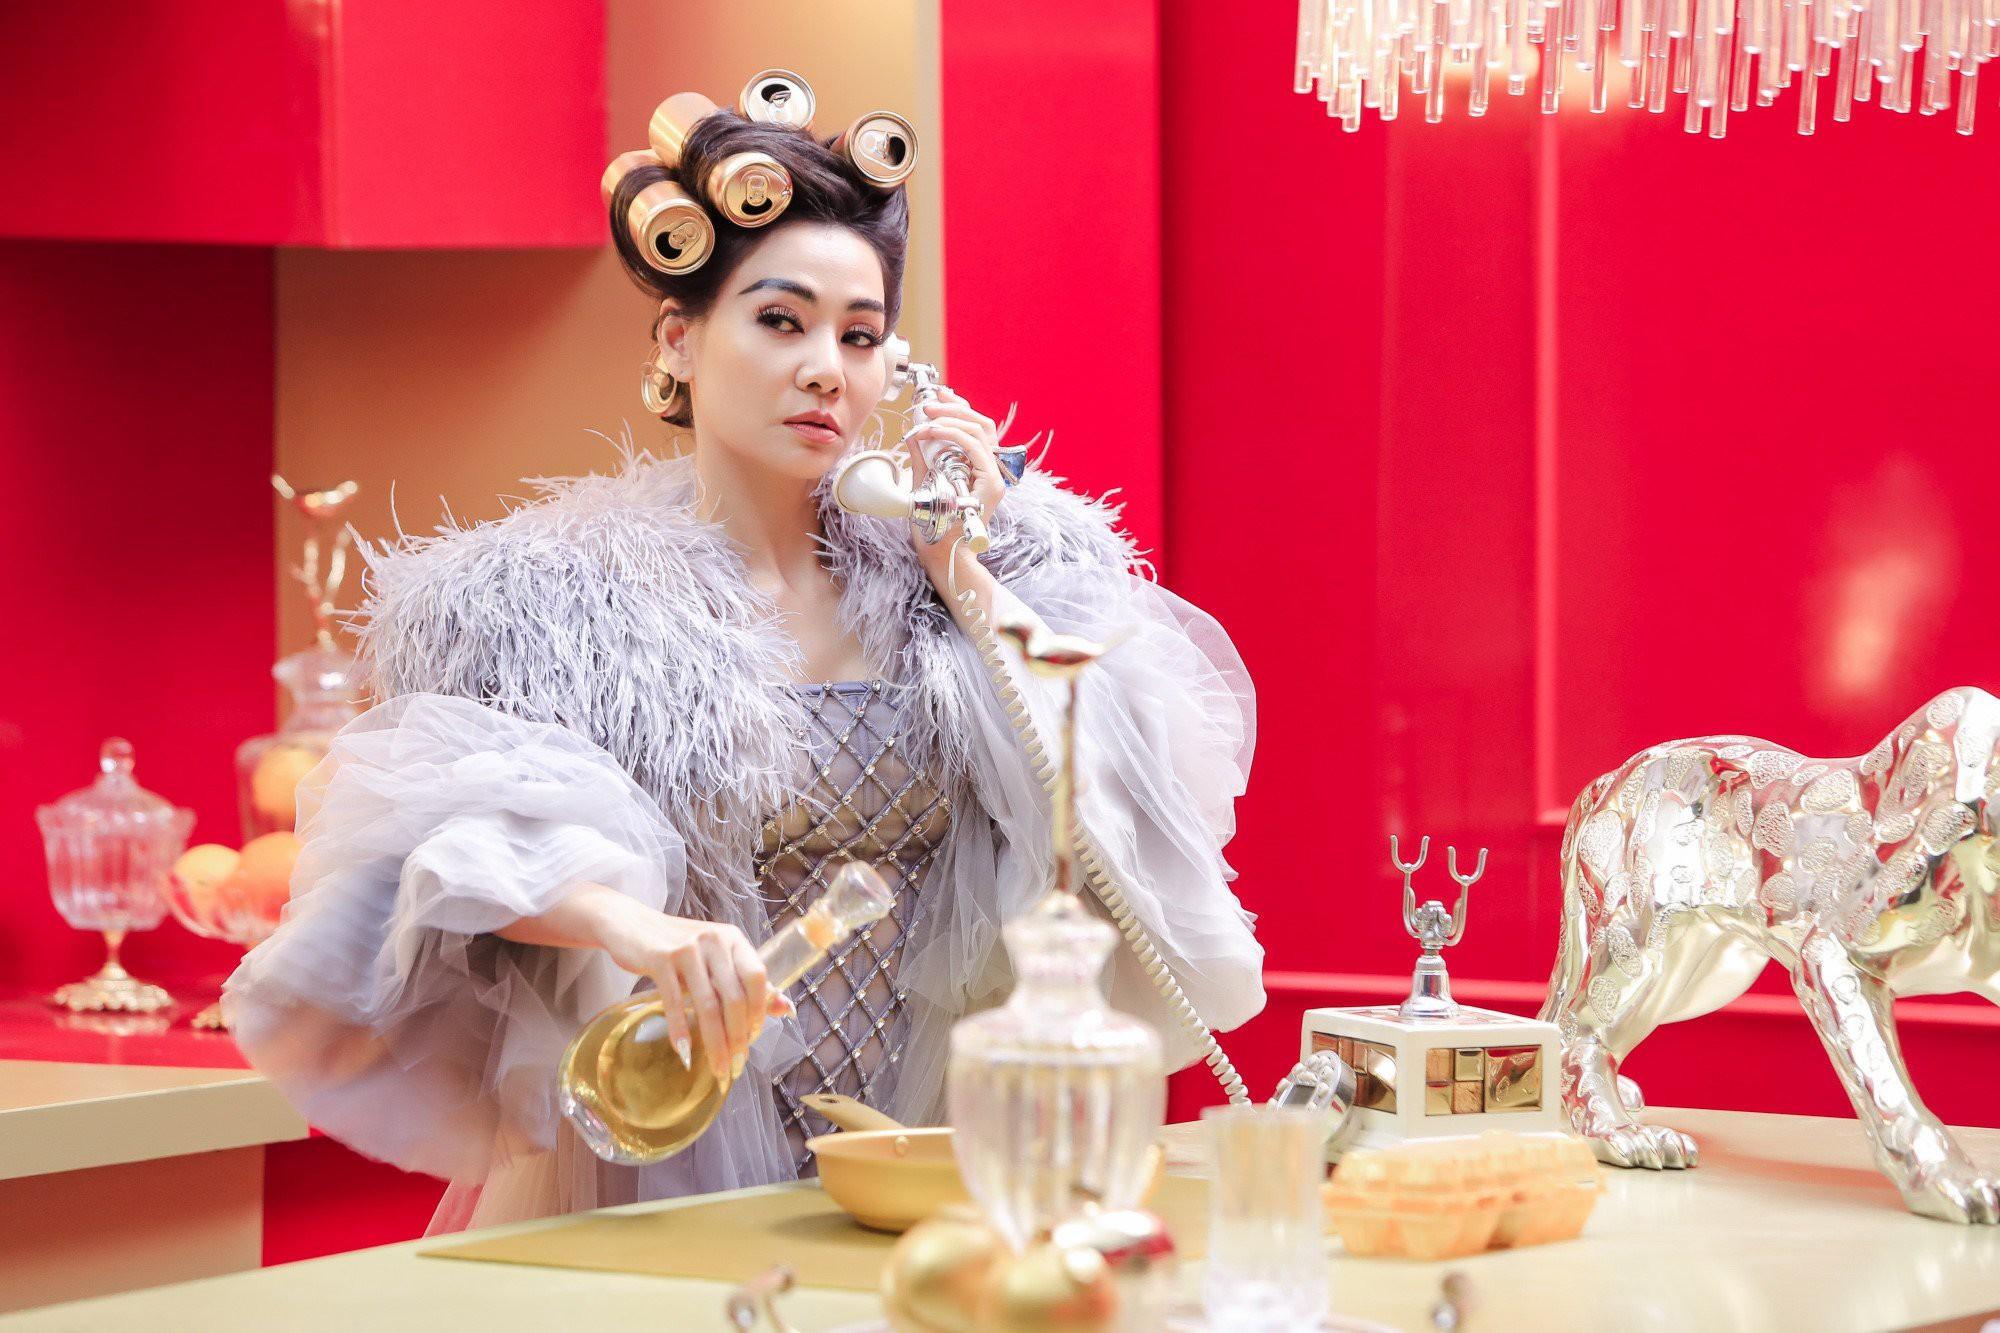 Nhạc sĩ khiến Thu Minh gây tranh cãi: Thu Minh là Diva, ăn chay thì đừng phán xét việc người khác ăn thịt!-5